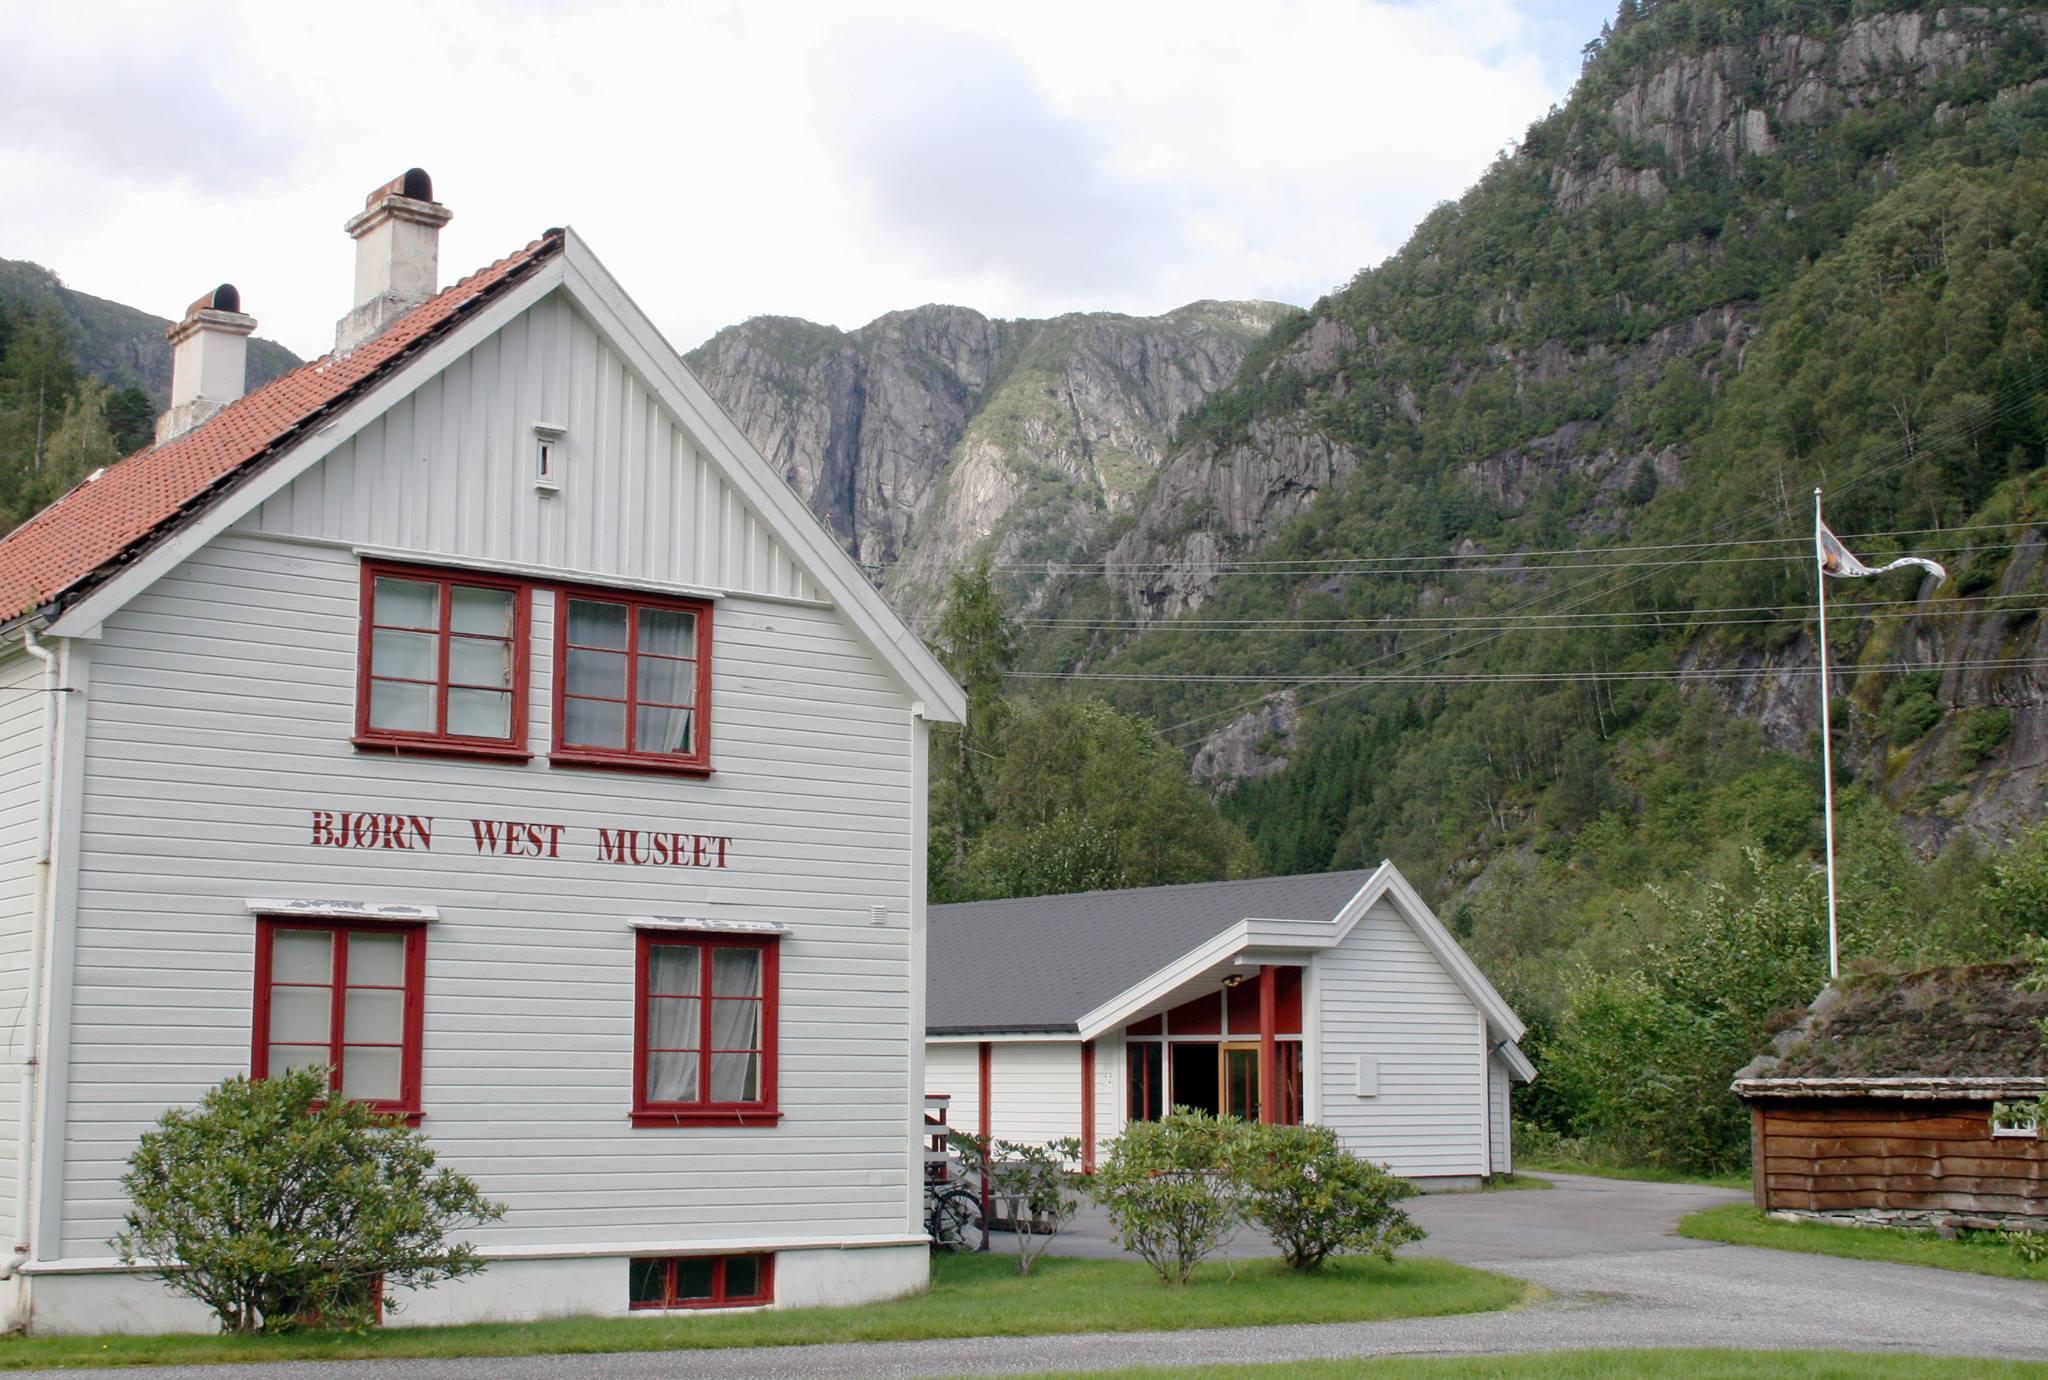 The Bjørn West Museum